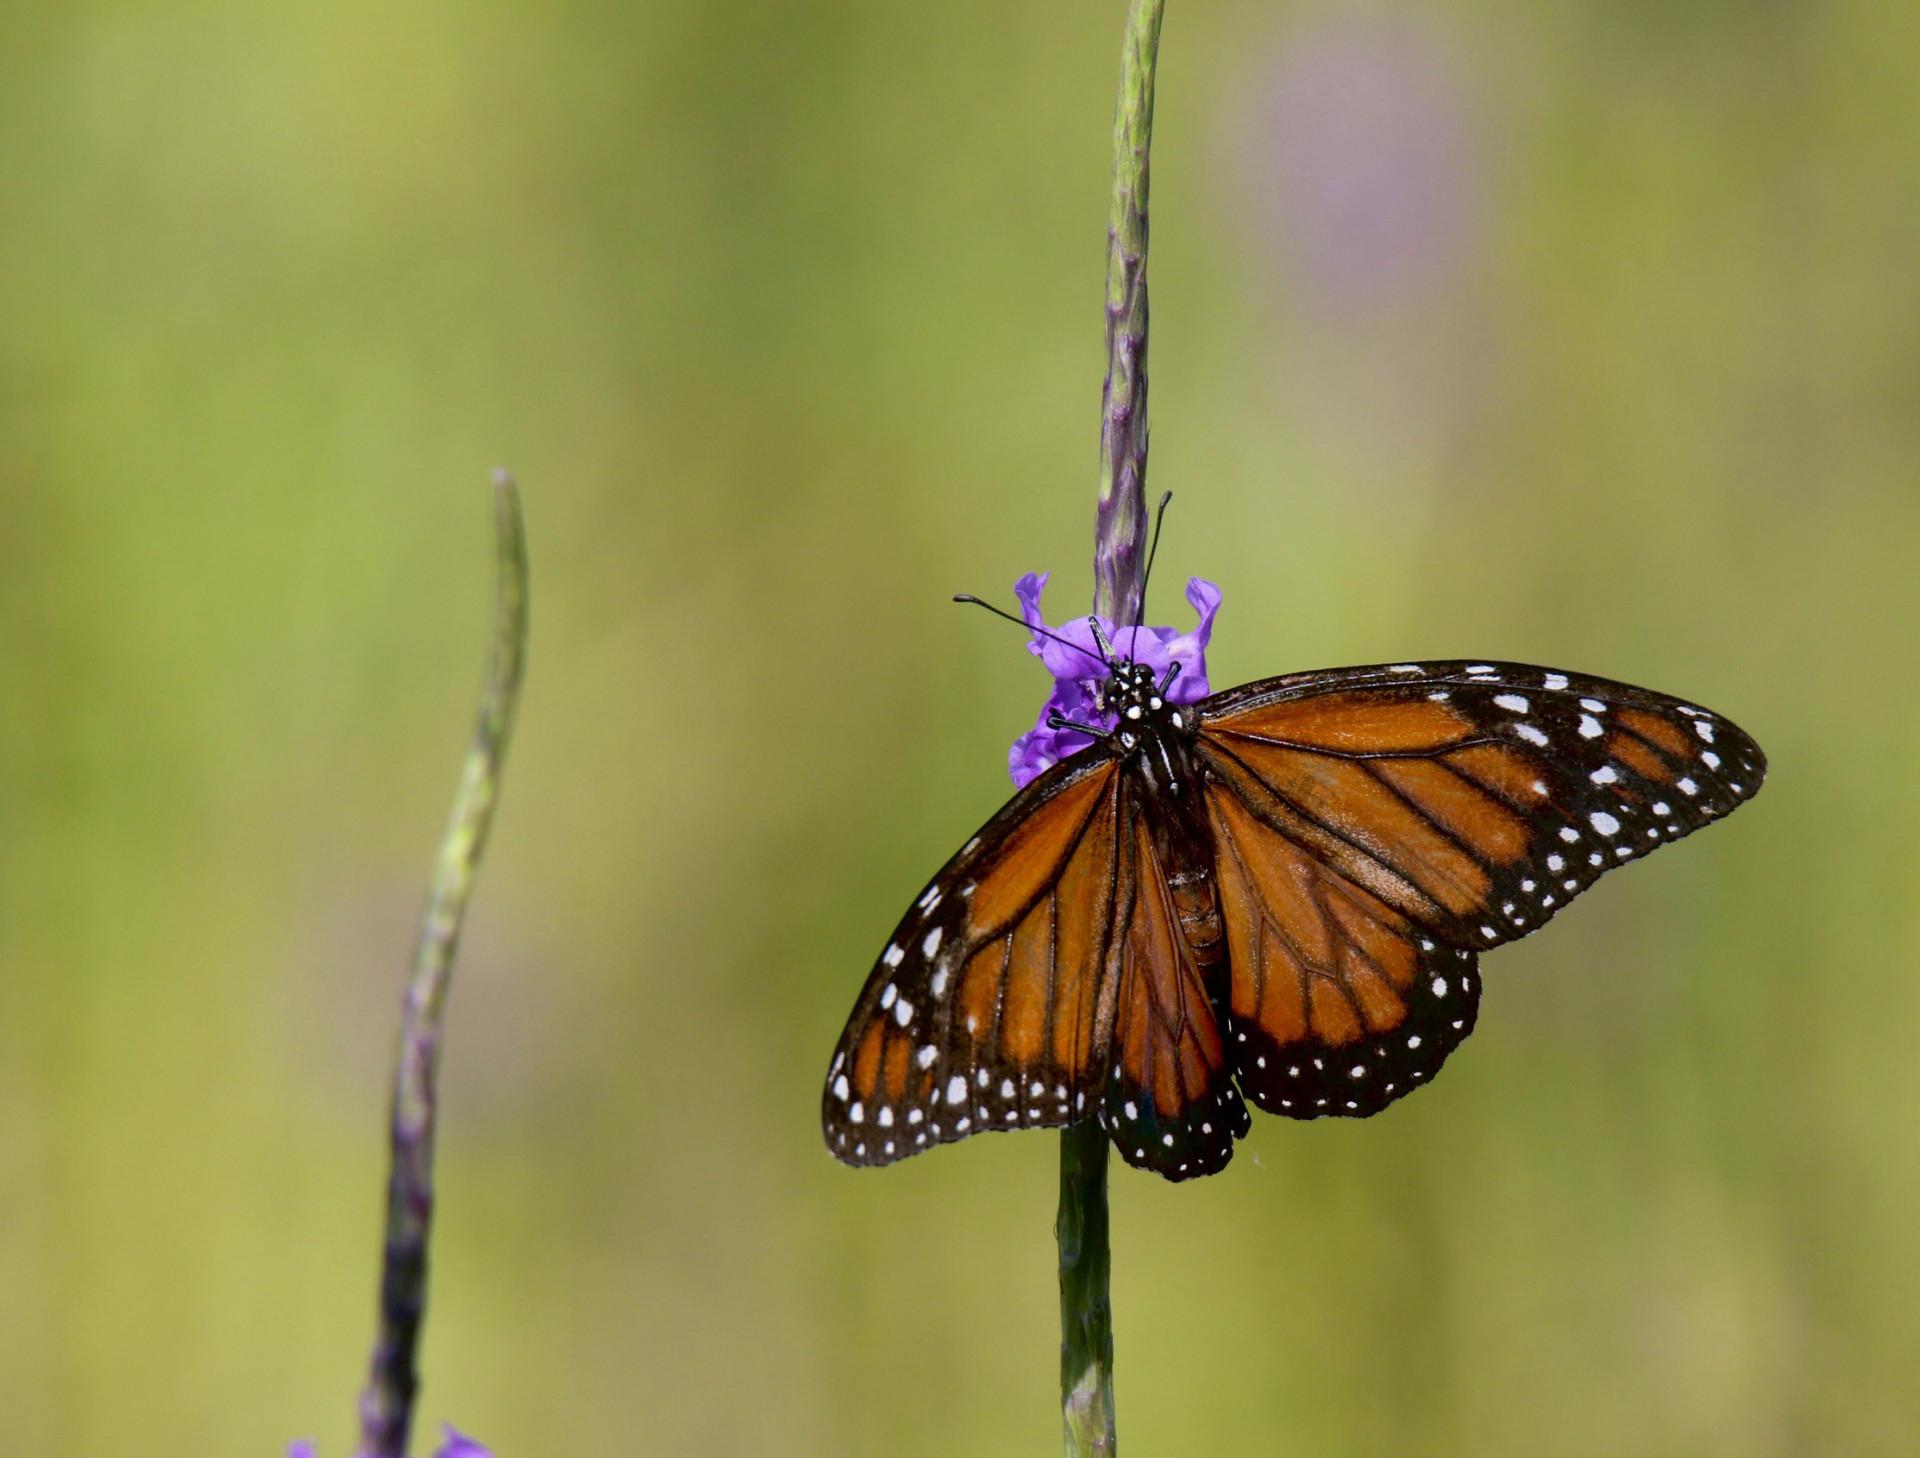 Borboleta-rainha ou Danaus gilippus espécie frequente nas flores de néctar dos biomas do Ceará-Brasil. O registro é às margens da lagoa da Precabura no território de Fortaleza (Foto: Demitri Túlio)